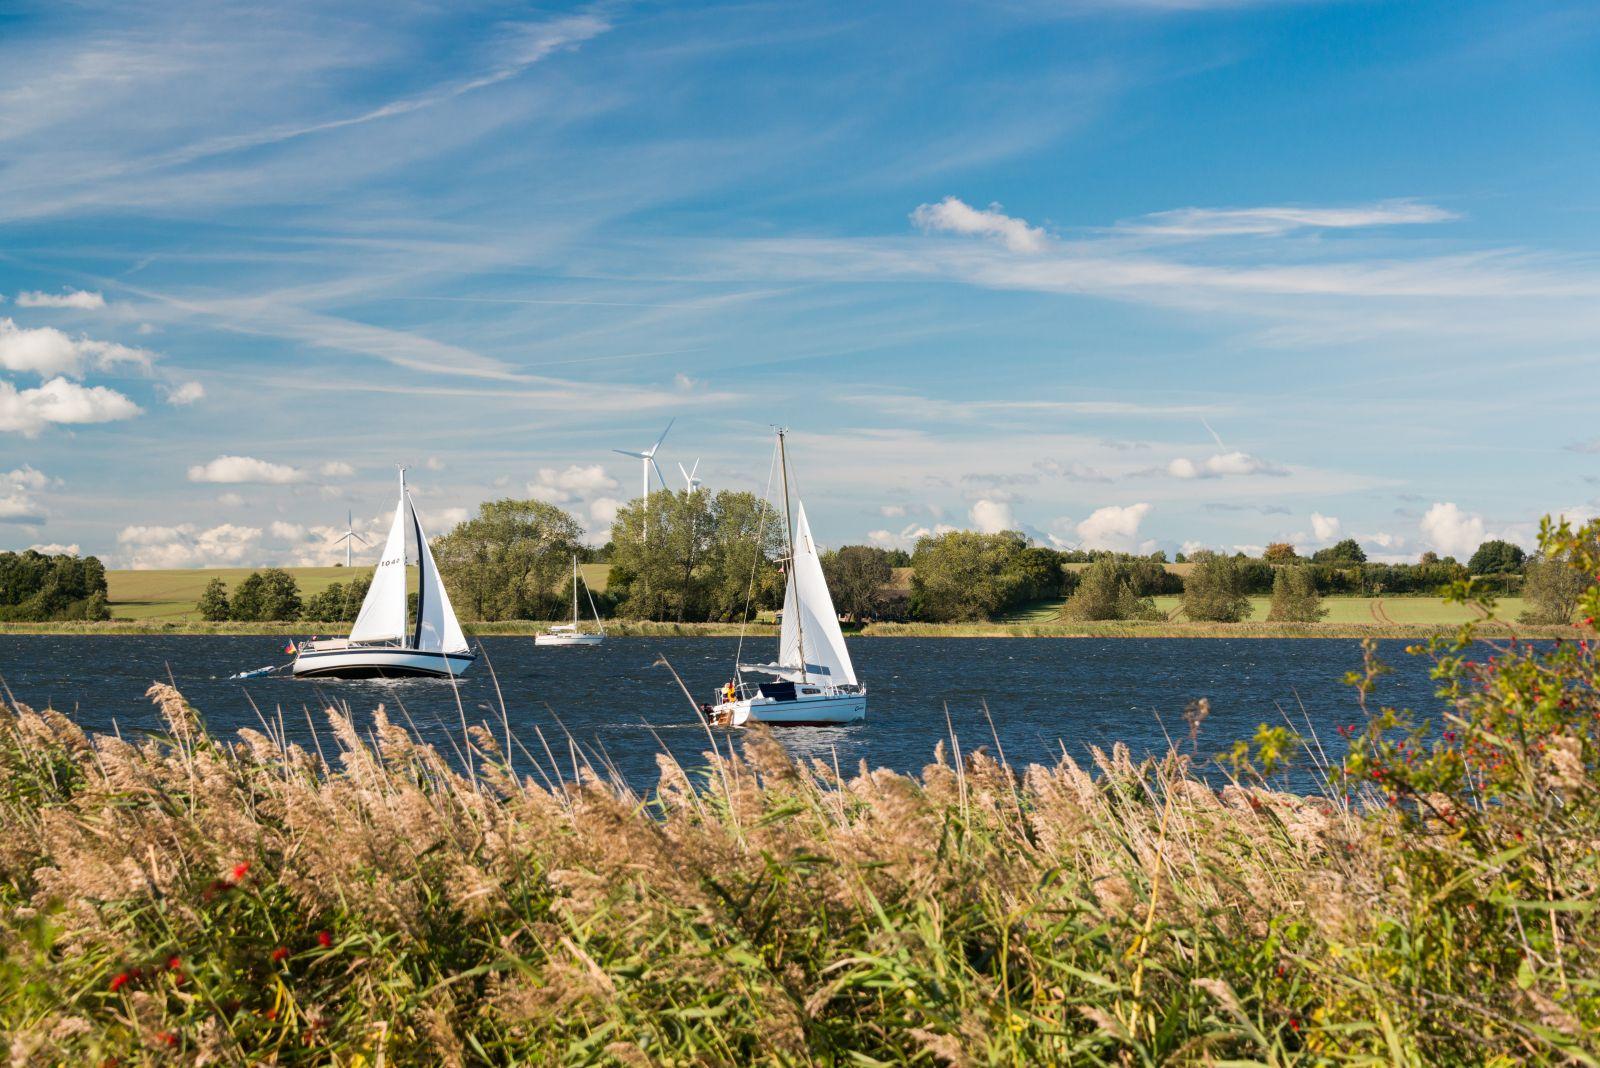 Durch die Schlei segeln ist idyllisch, manchmal liegt man auch im Wind. Die Landschaft bietet immer wieder neues Sehenswertes. ©peno-penofoto/AdobeStock